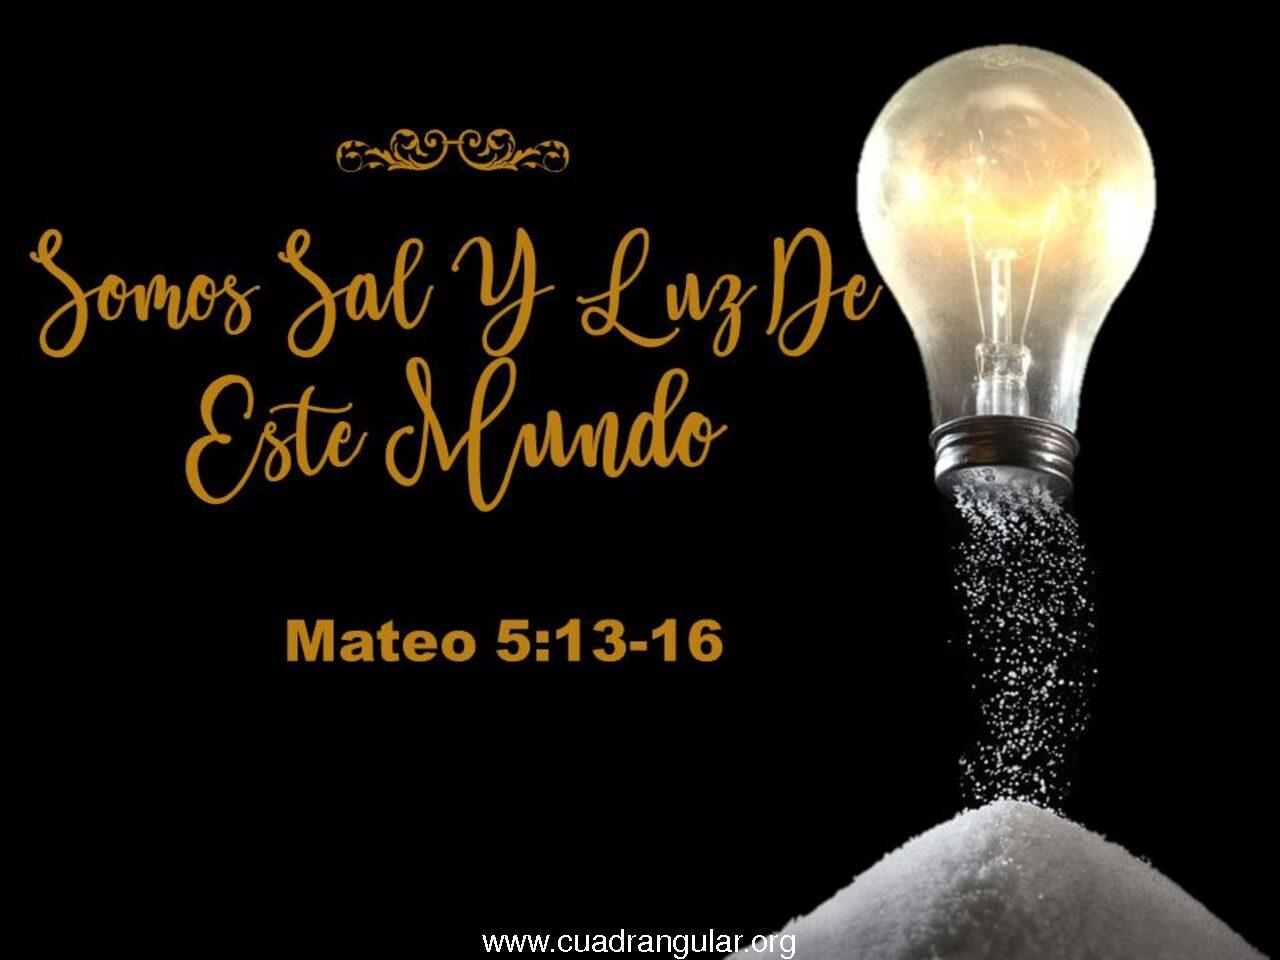 Somos sal y luz de este mundo